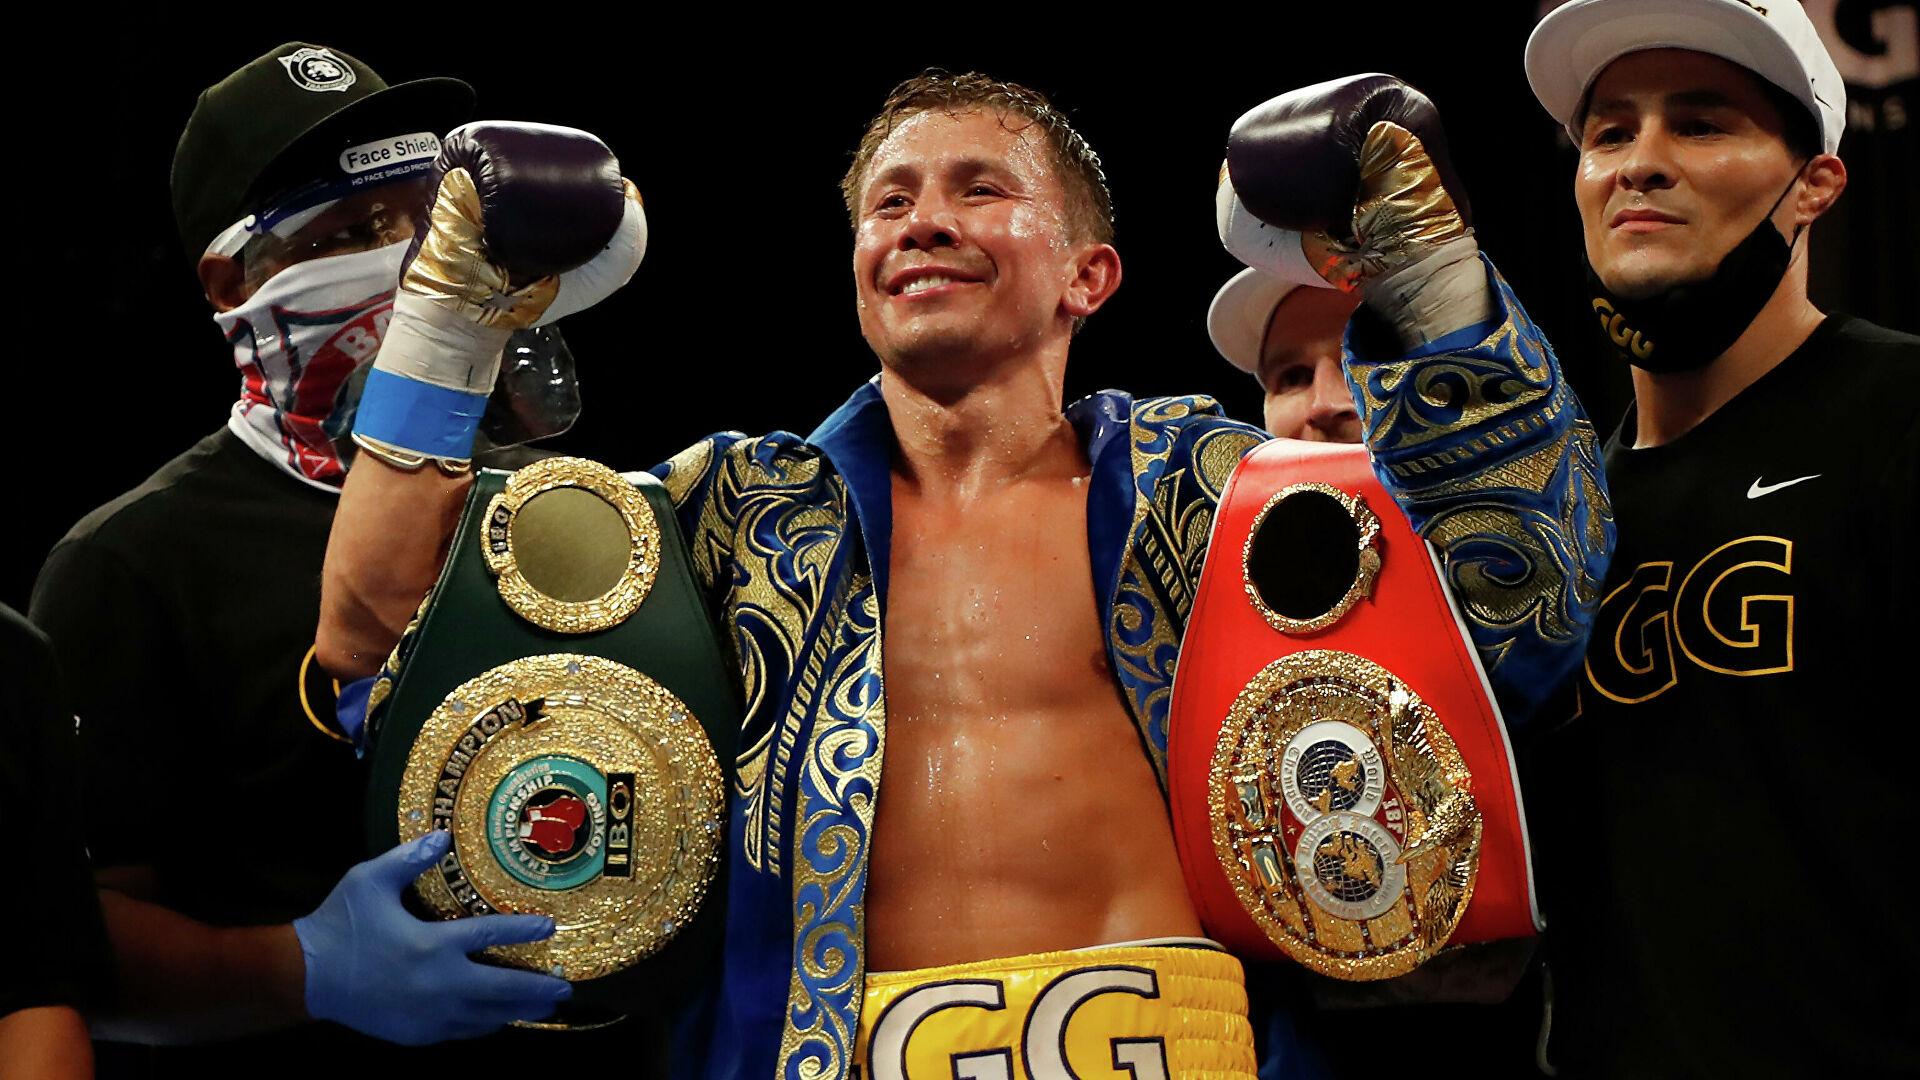 Головкин договорился о бое с чемпионом мира